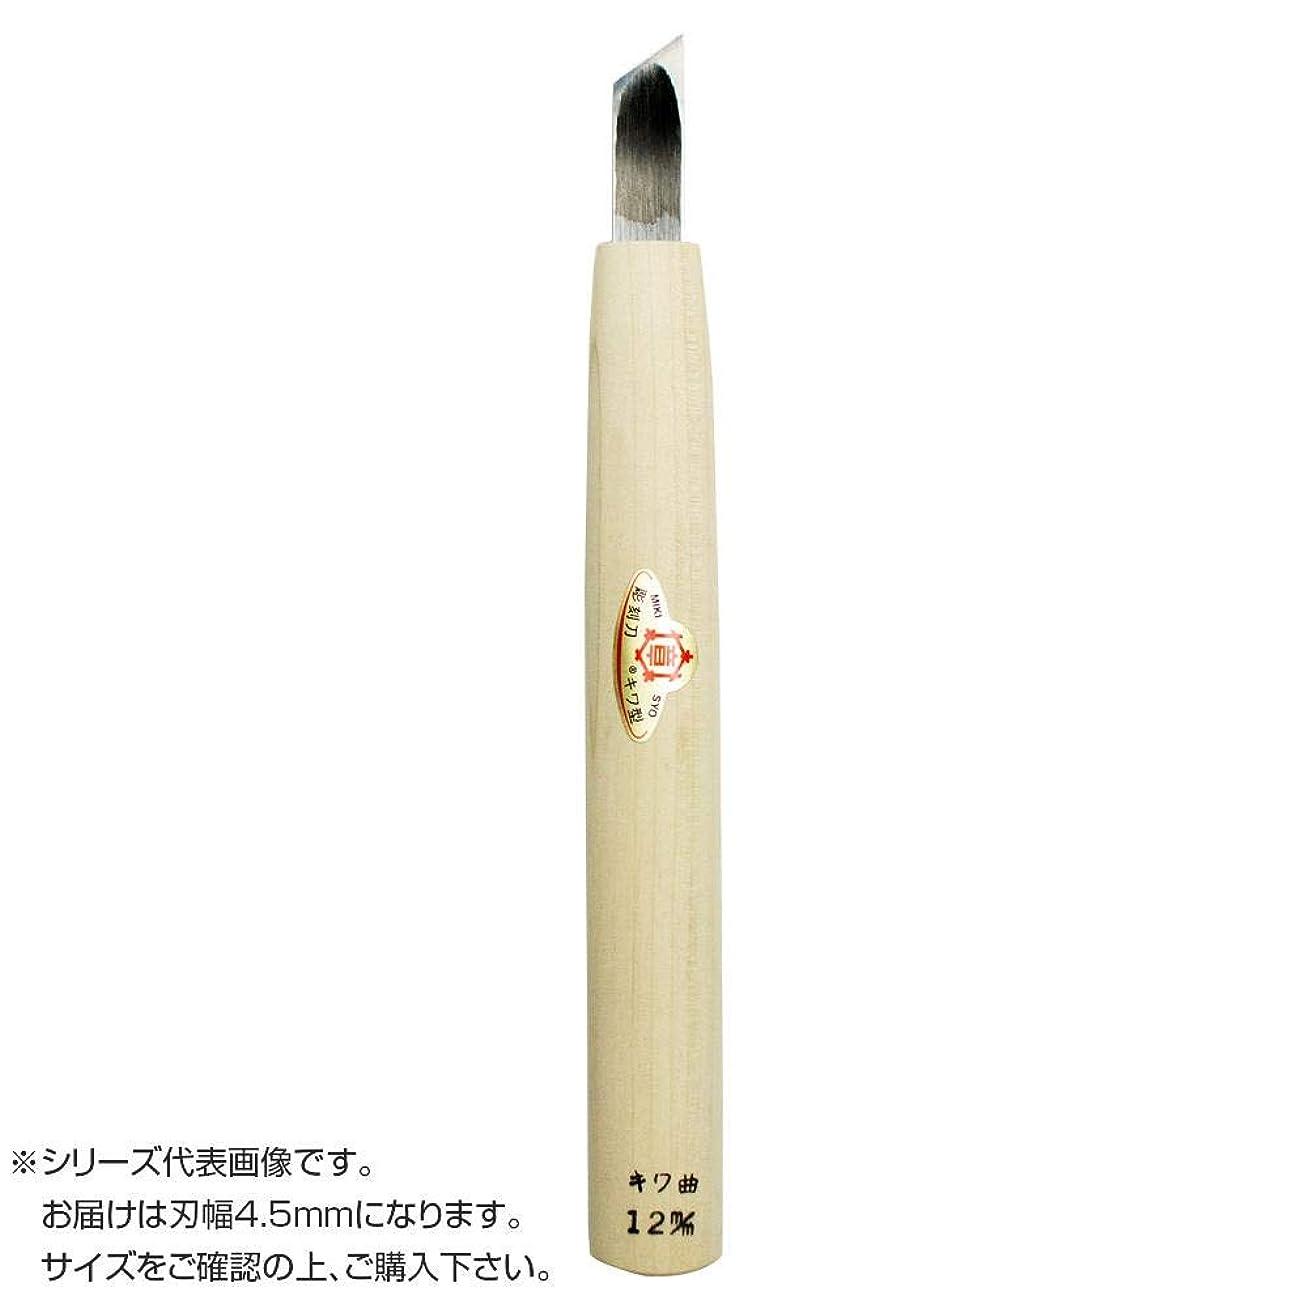 小学生銀紳士気取りの、きざな生活 雑貨 クラフト 関連 彫刻刀 安来鋼 キワ曲型 4.5mm